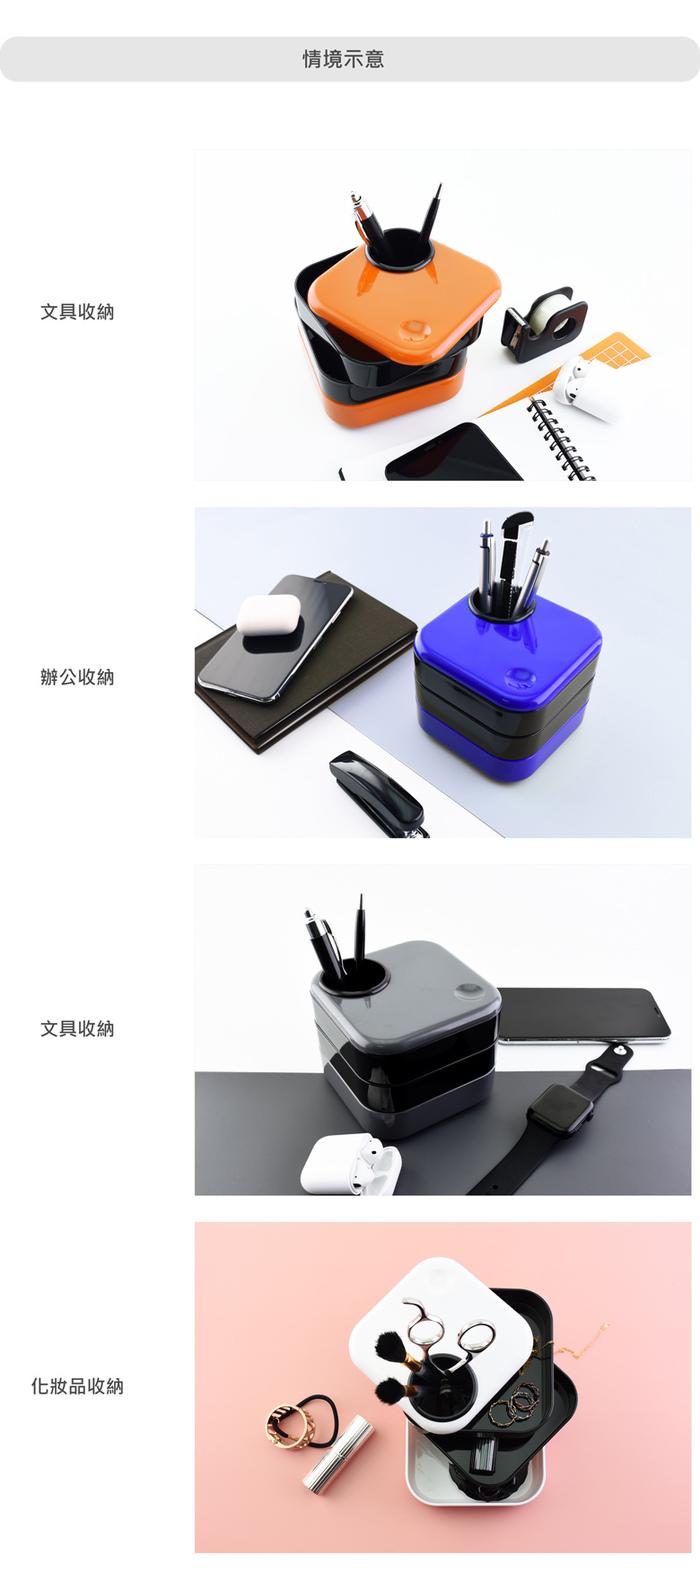 (複製)O-Life 文具整理收納盒 S-895 (附8樣文具配件 多用途桌面整理)